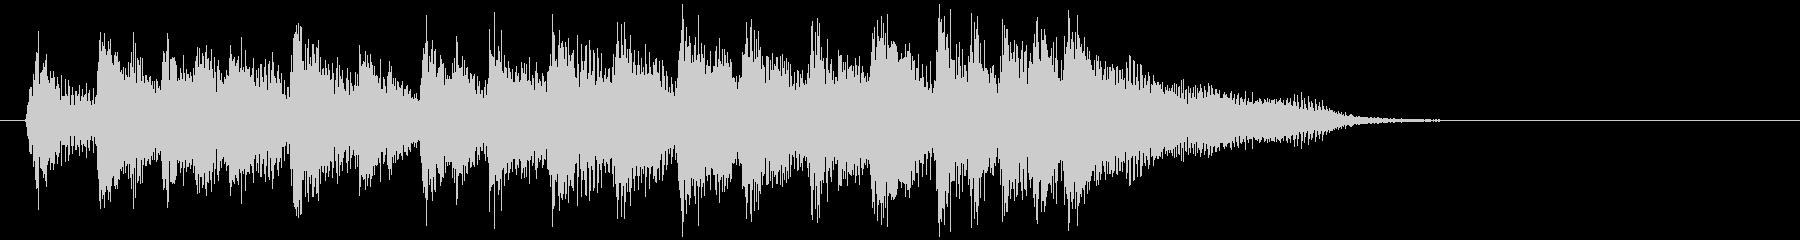 勢いのある元気なウクレレのサウンドロゴの未再生の波形